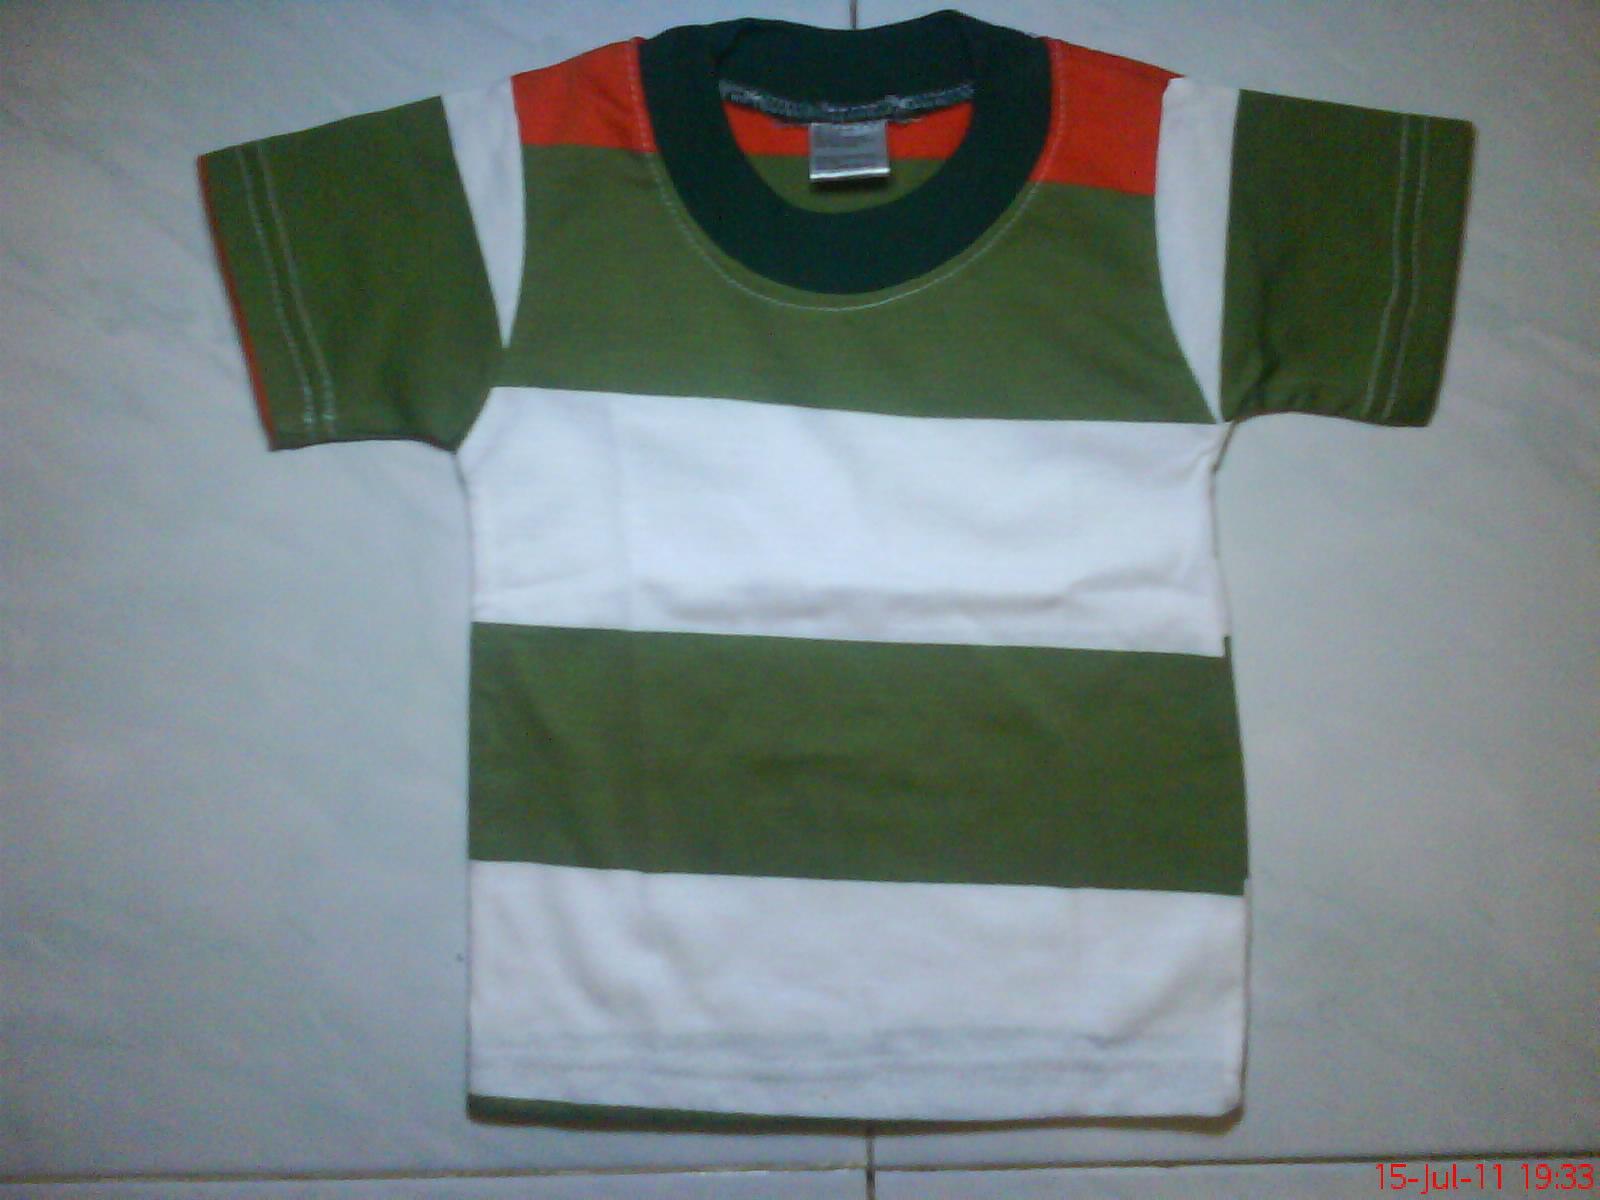 Kaos Oblong Anak Murah Kaos Oblong Anak